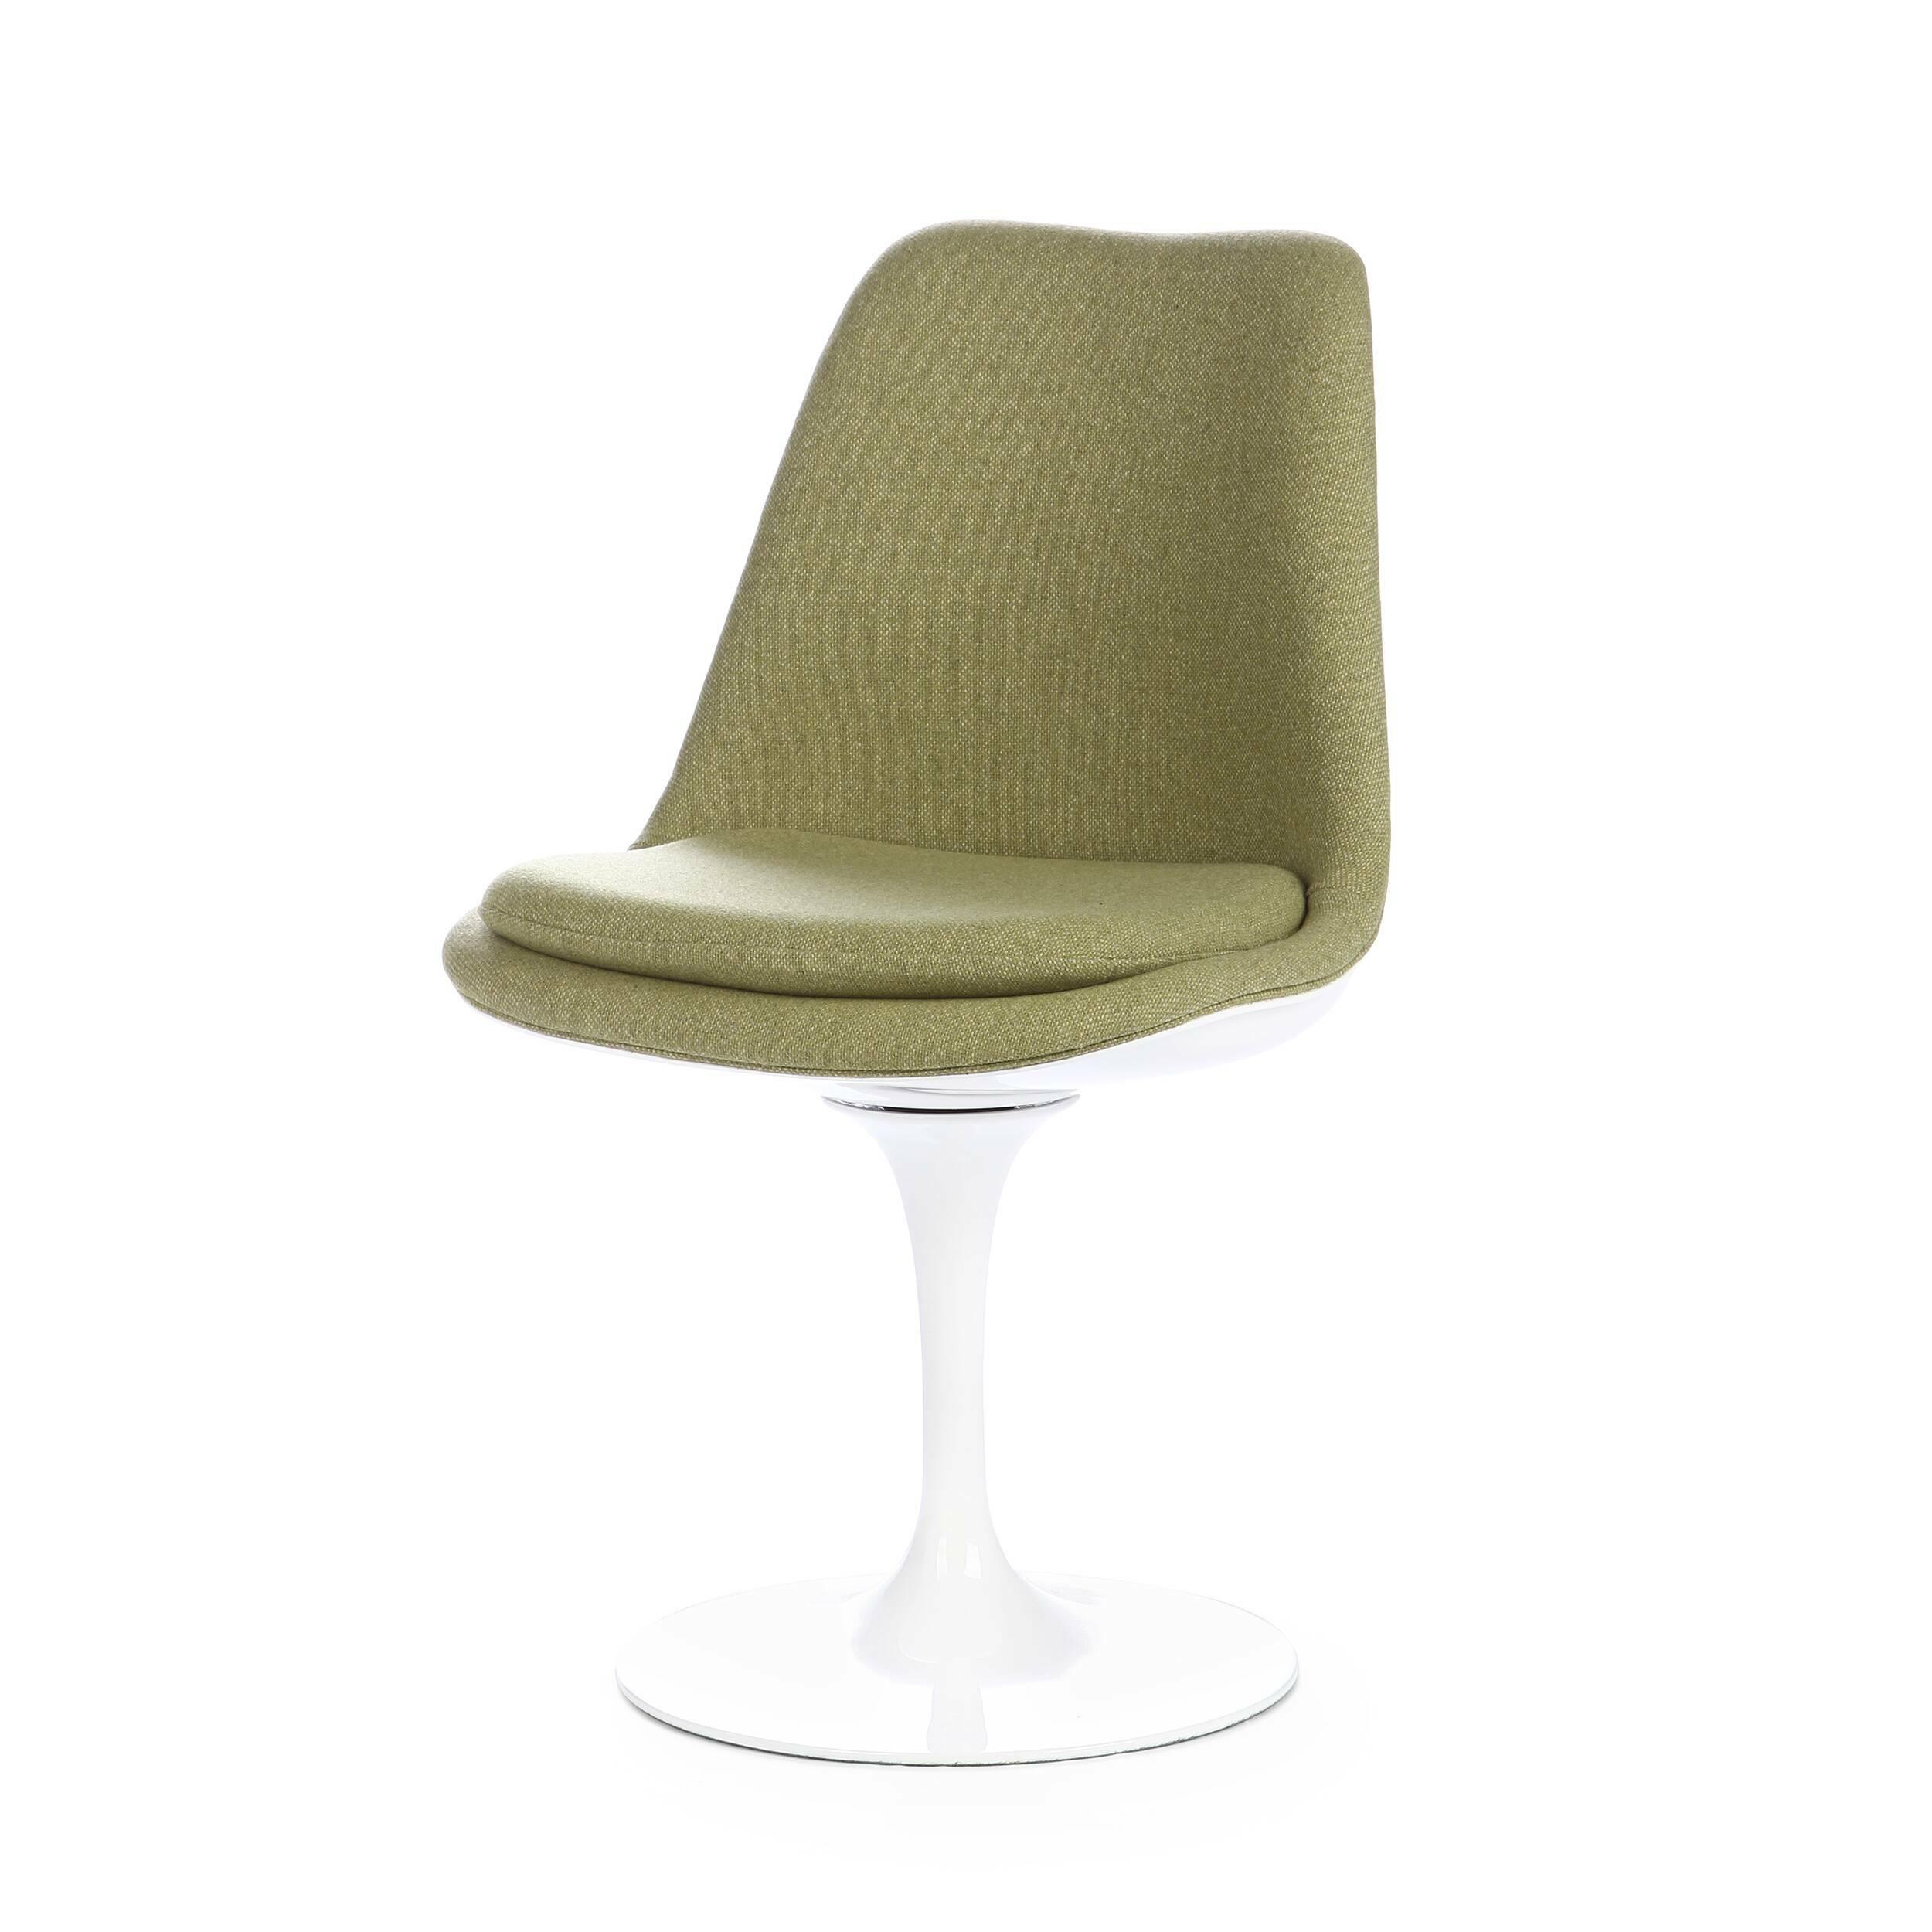 Стул Tulip с обитой спинкойИнтерьерные<br>Дизайнерский тканевый стул Tulip (Тьюлип) с обитой спинкой и с каркасом из стекловолокна от Cosmo (Космо).<br><br><br> Стул Tulip — это один из самых знаменитых предметов мебели, он был разработан в 1958 году Ээро Саариненом. Поистине футуристический дизайн и классика модерна. Первый в мире одноногий стул изменил будущее дизайна мебели. Формой стул напоминает бокал или, как видно из названия, — тюльпан. Уникальное основание постамента обеспечивает устойчивость и выглядит эстетически привлекательным...<br><br>stock: 0<br>Высота: 82,5<br>Высота сиденья: 47<br>Ширина: 50,5<br>Глубина: 54,5<br>Тип материала каркаса: Стекловолокно<br>Материал сидения: Шерсть, Нейлон<br>Цвет сидения: Зеленый<br>Тип материала сидения: Ткань<br>Коллекция ткани: B Fabric<br>Цвет каркаса: Белый глянец